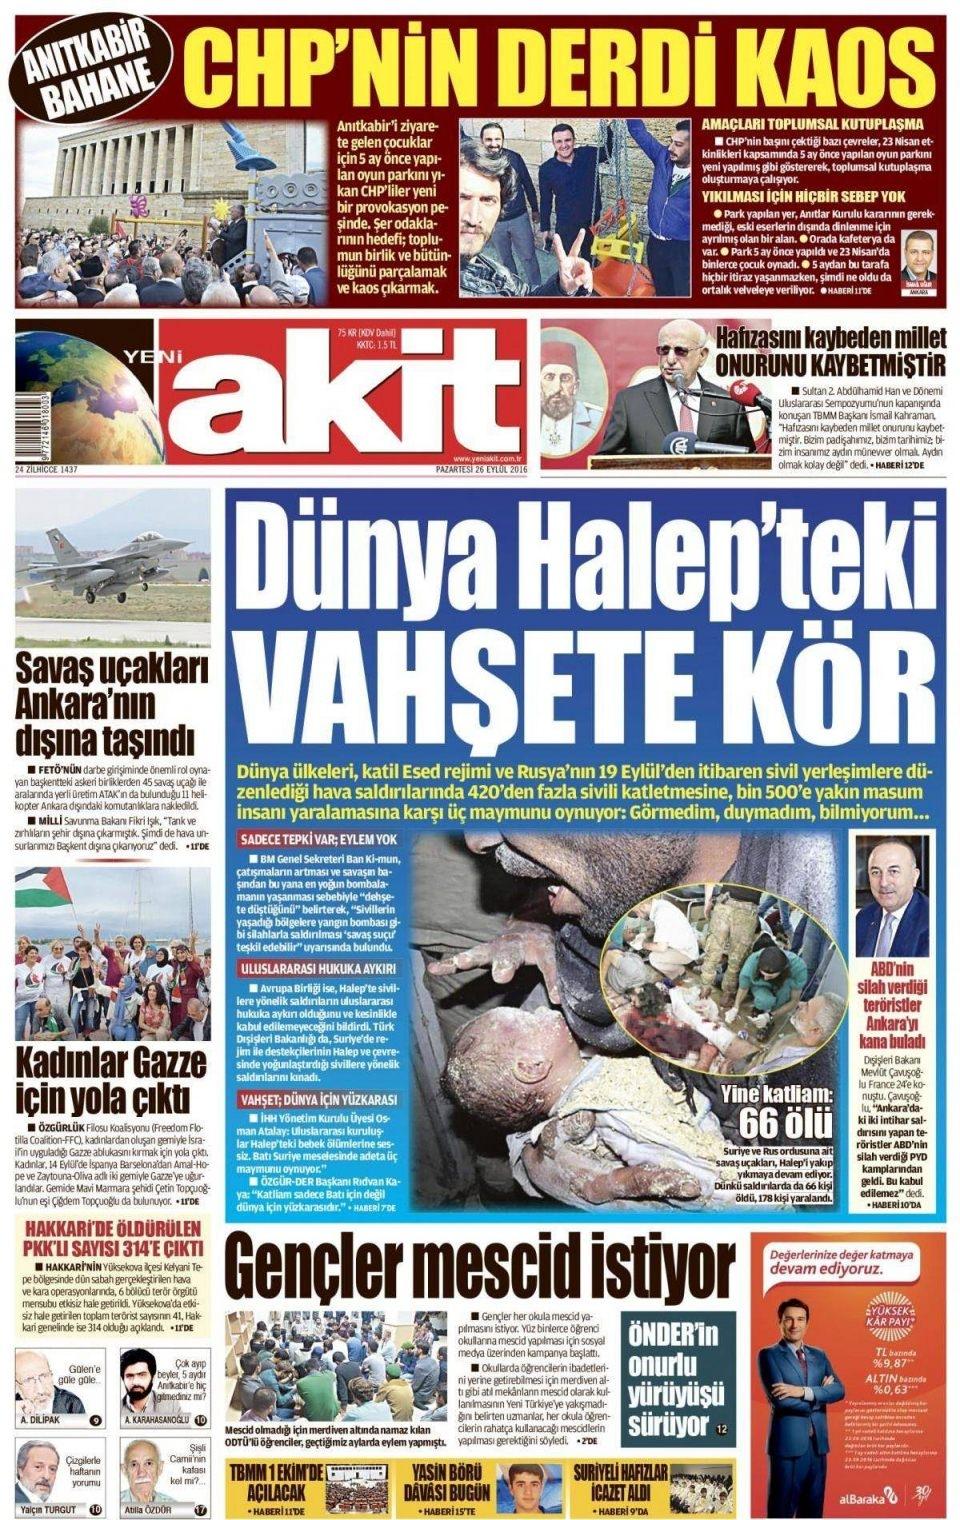 26 Eylül Pazartesi gazete manşetleri 6